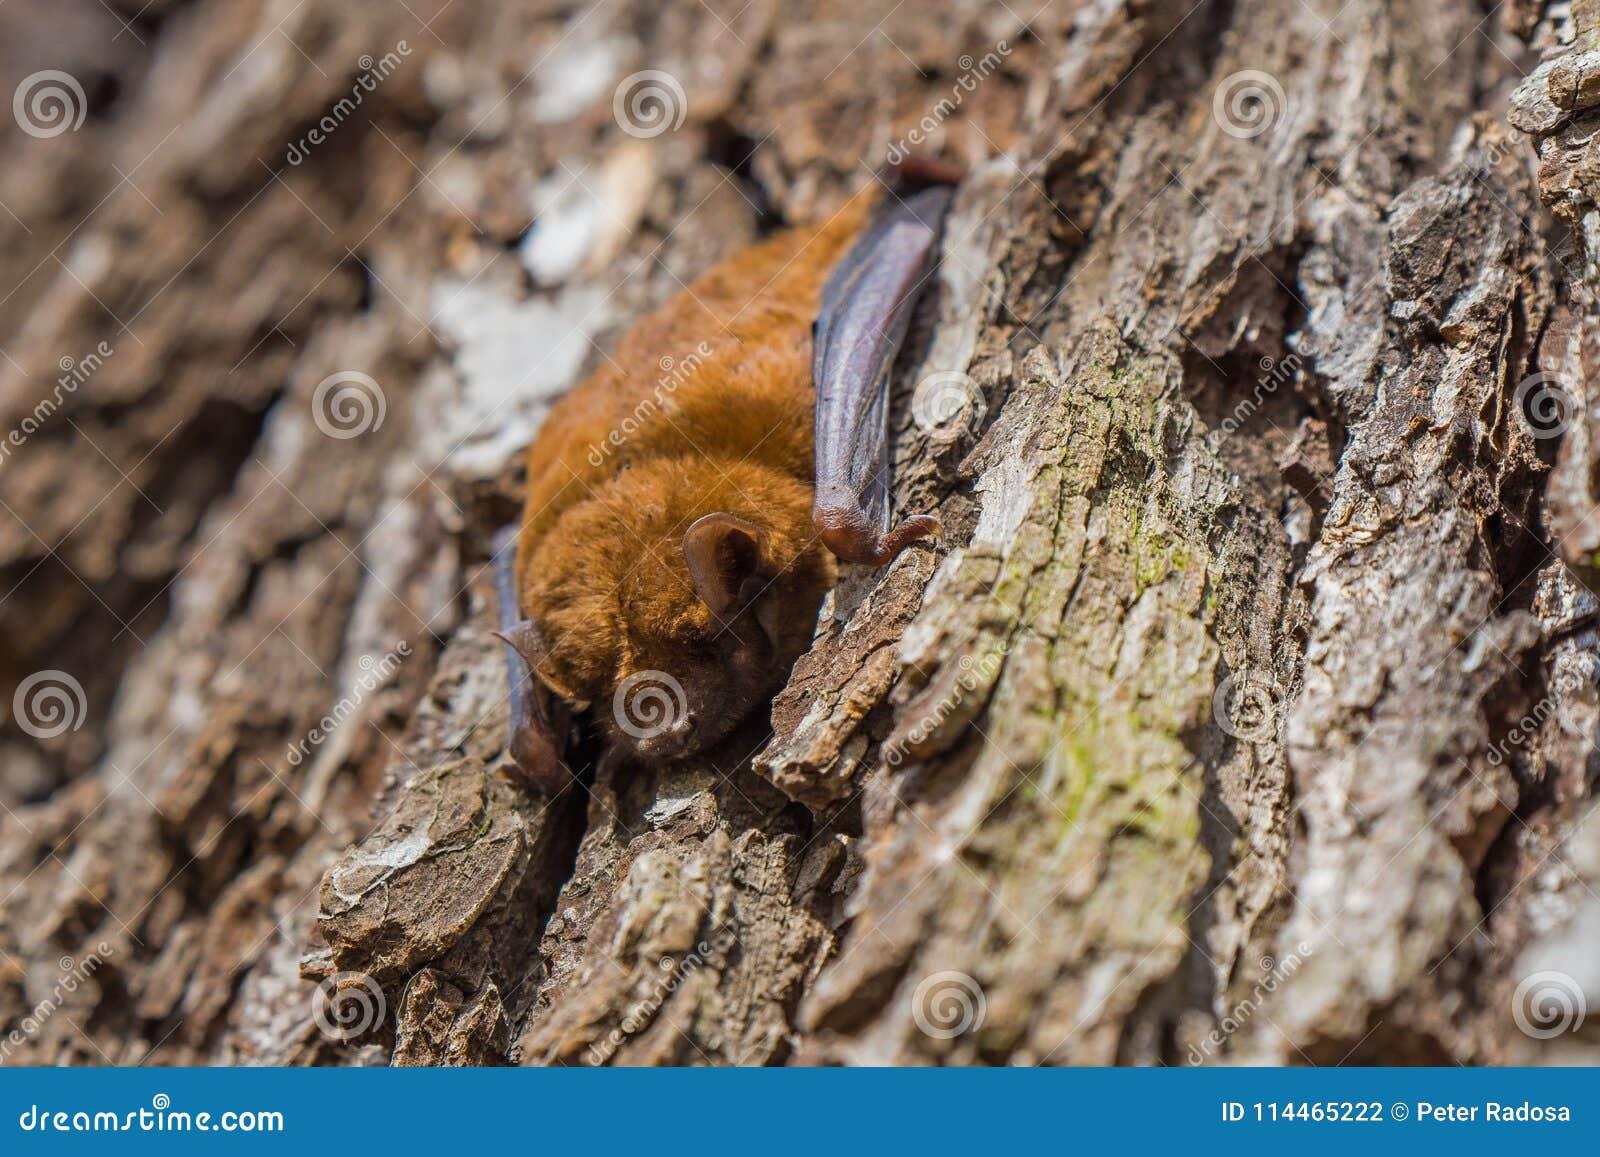 Ύπνοι ενός ροπάλου στο φλοιό ενός κορμού δέντρων